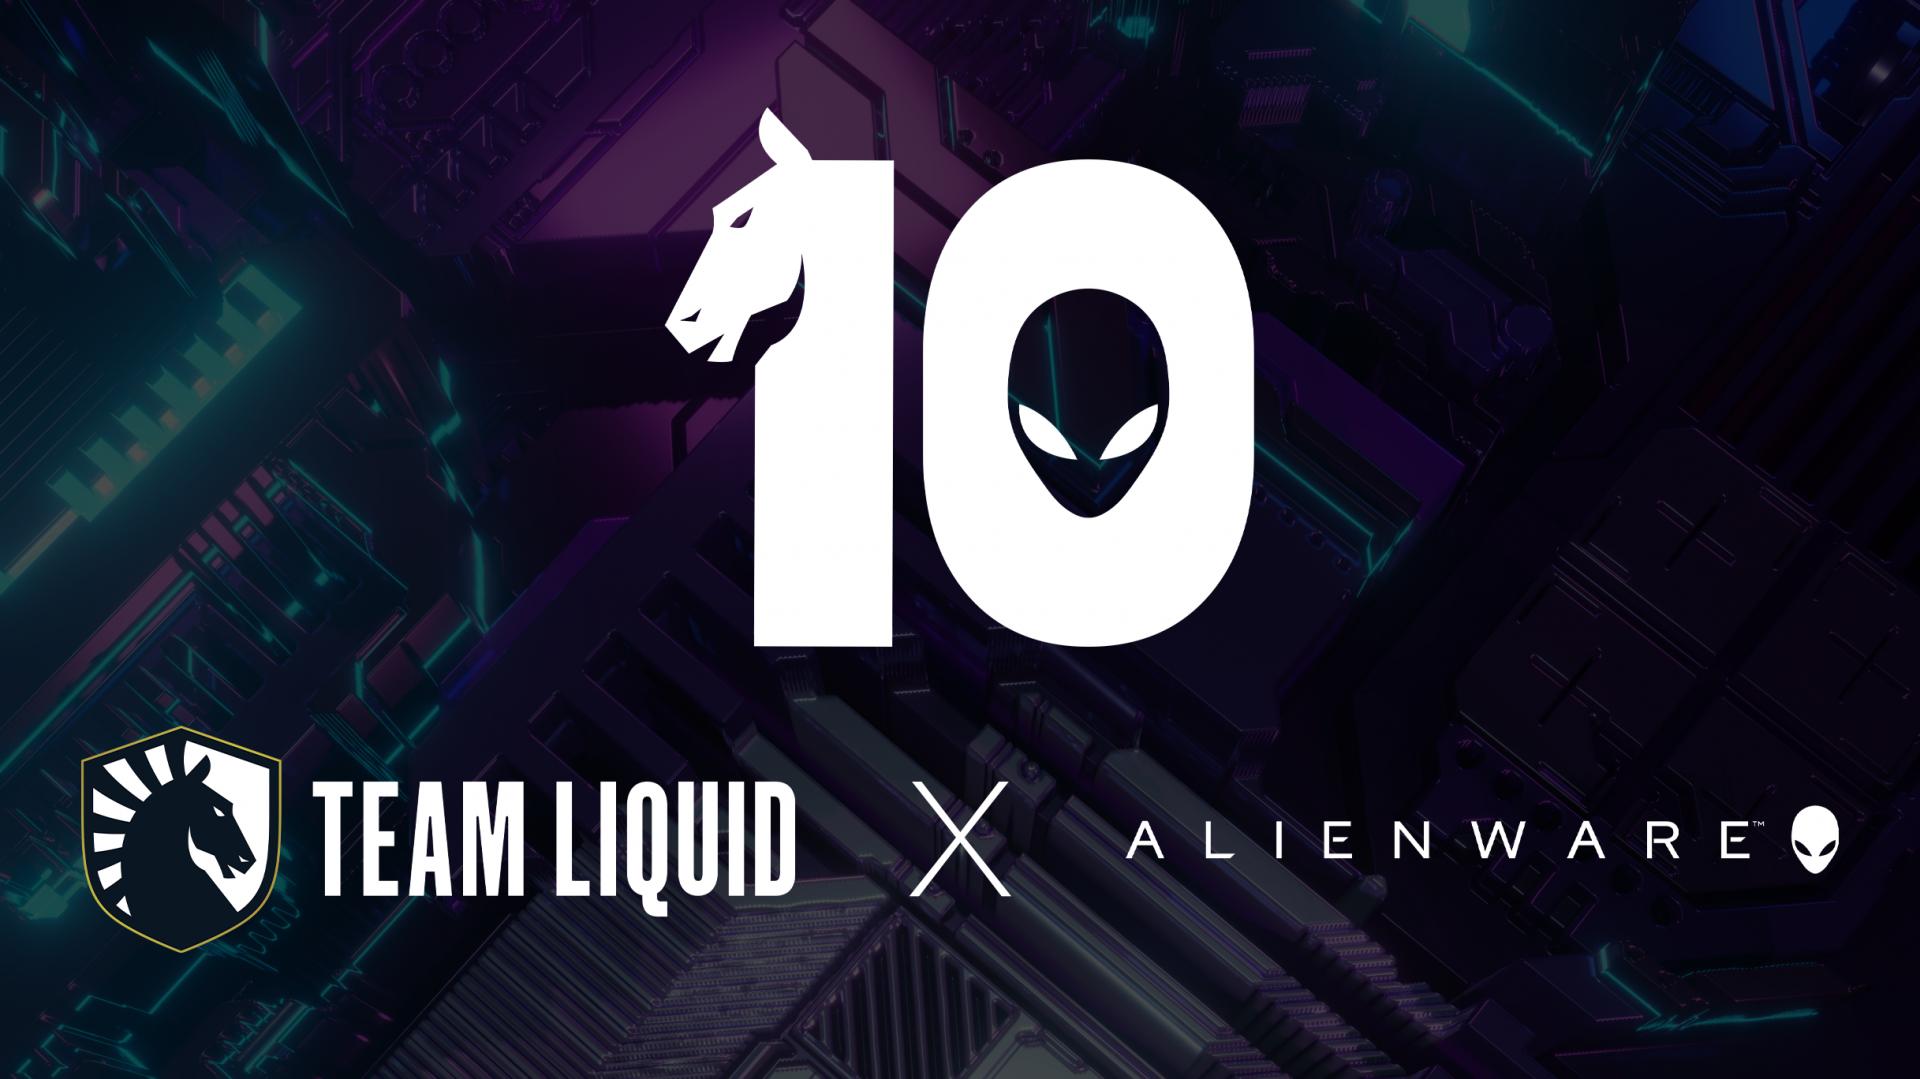 Team Liquid Alienware 10 year partnership Liquid+